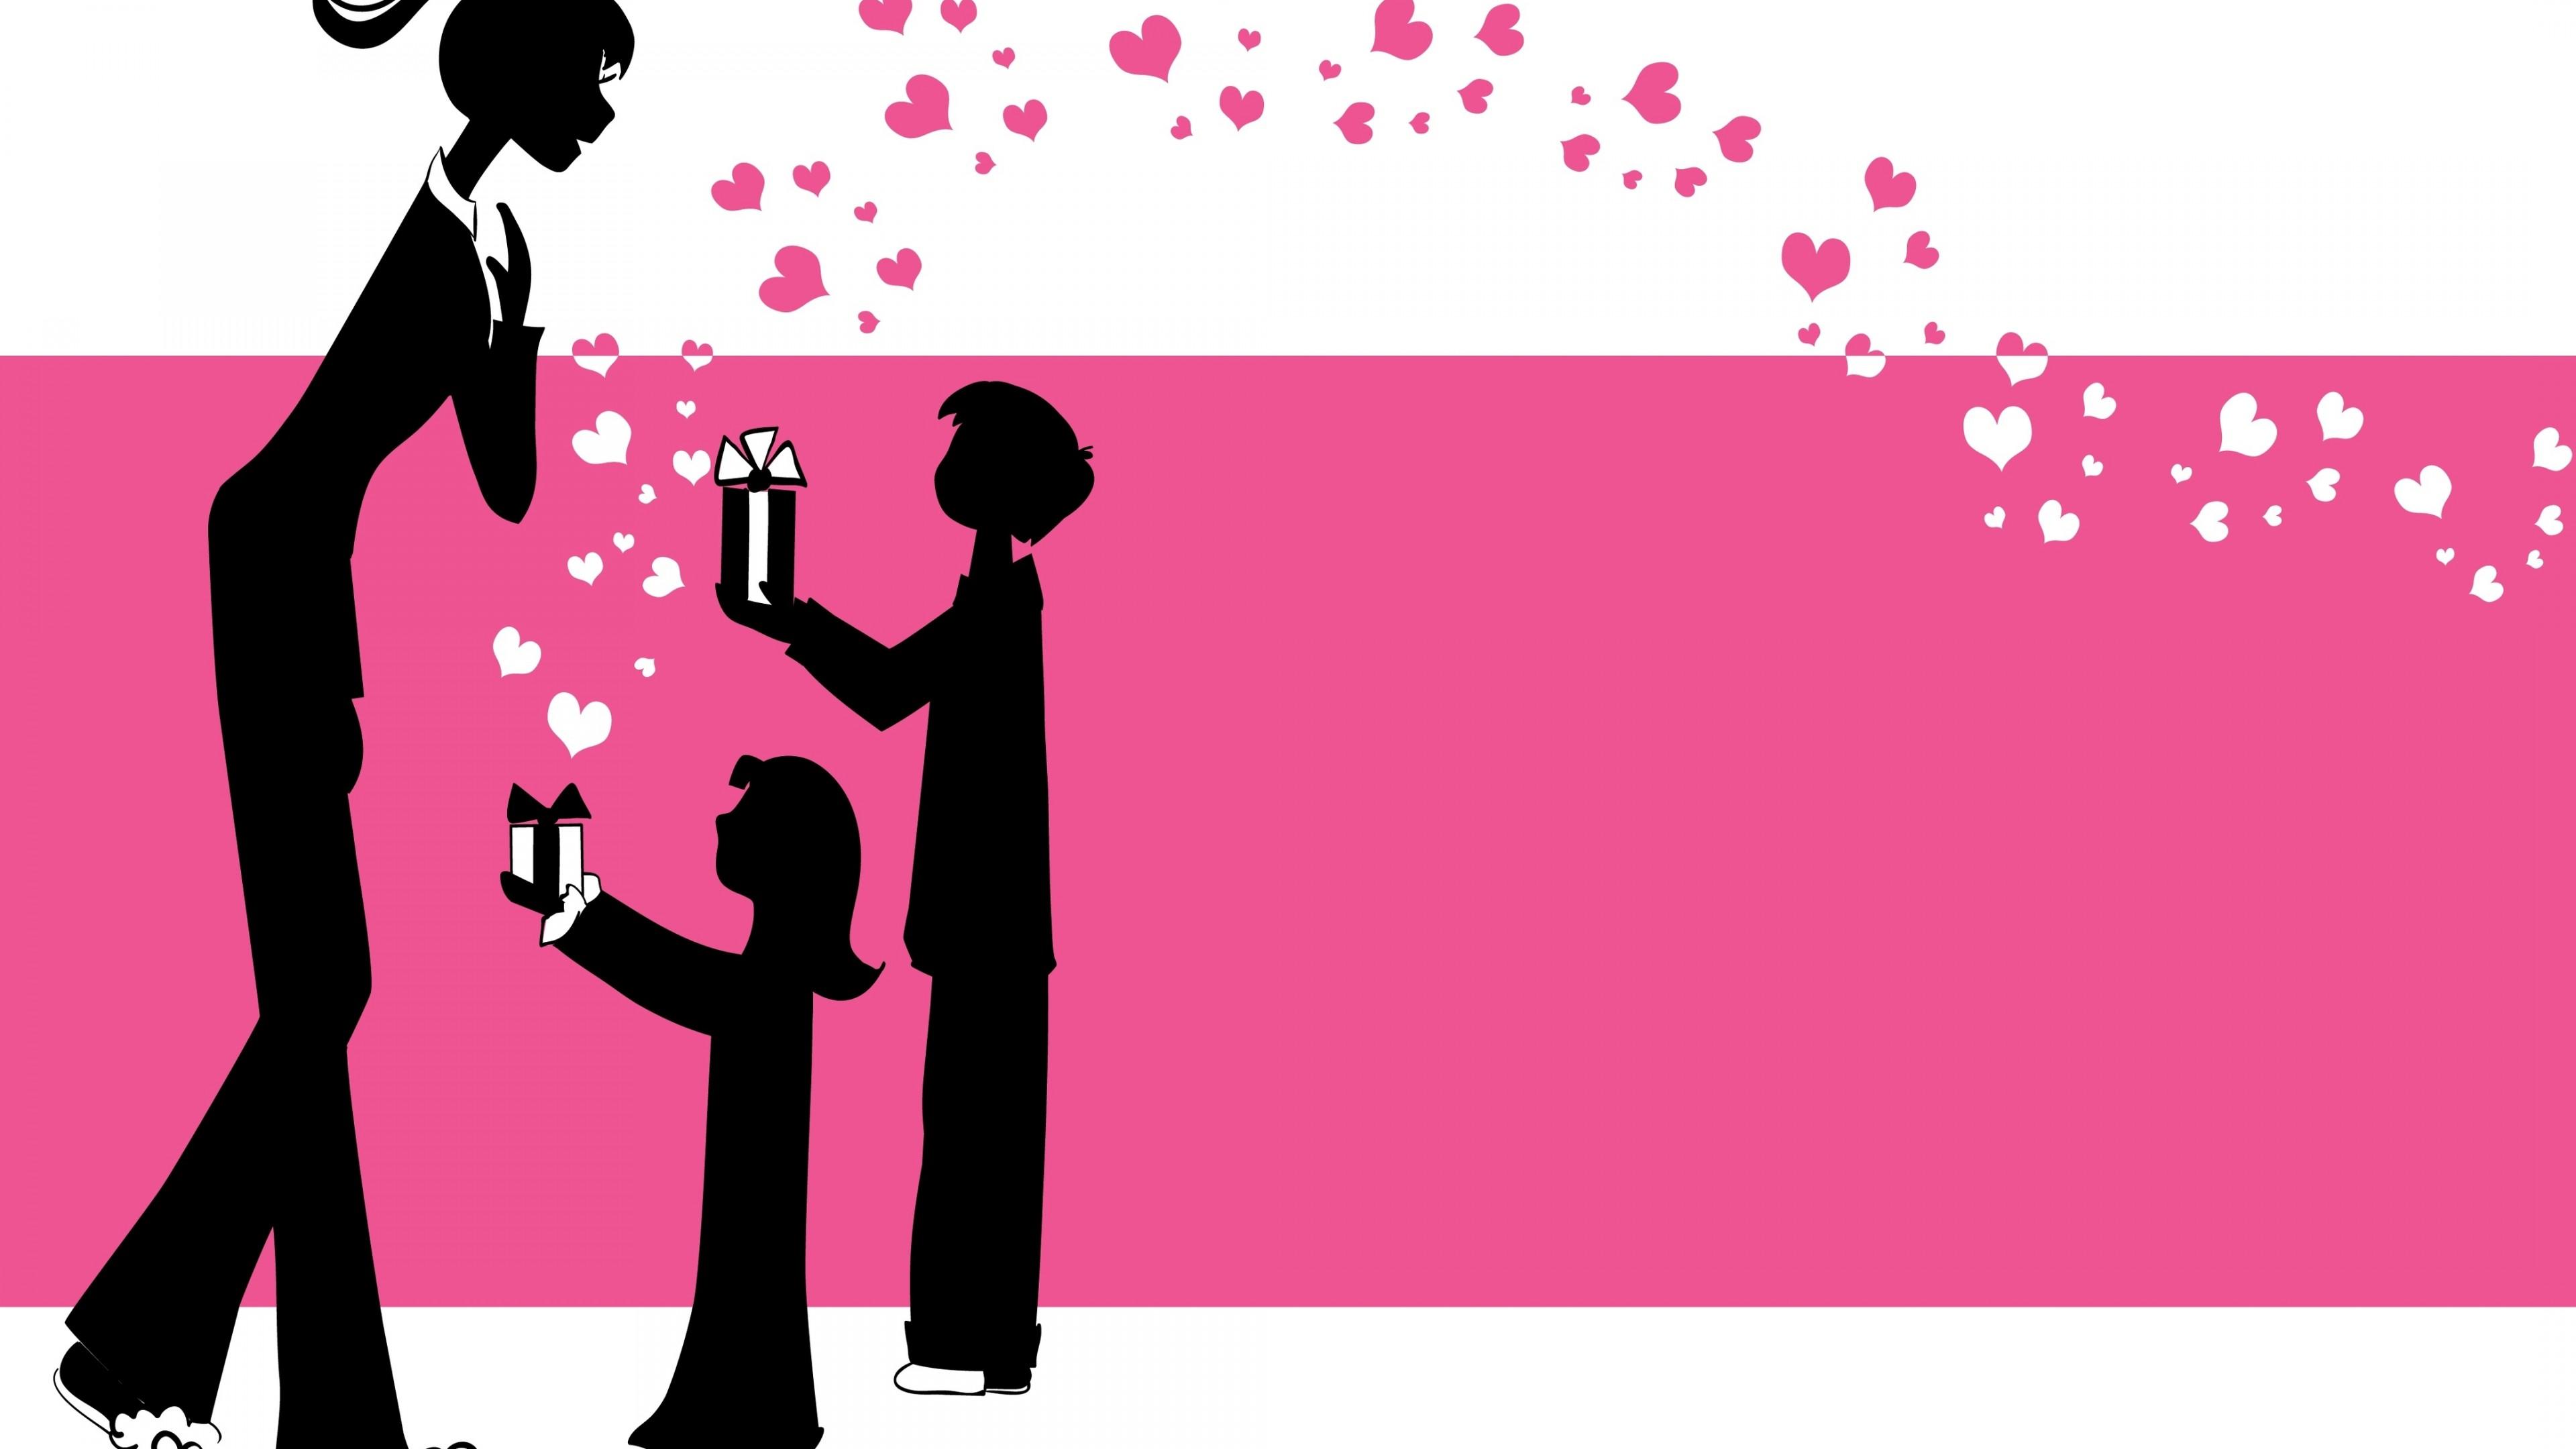 """Поздравительная открытка с бесконечным шлейфом сердечек и подарками""""С днем мамы"""""""